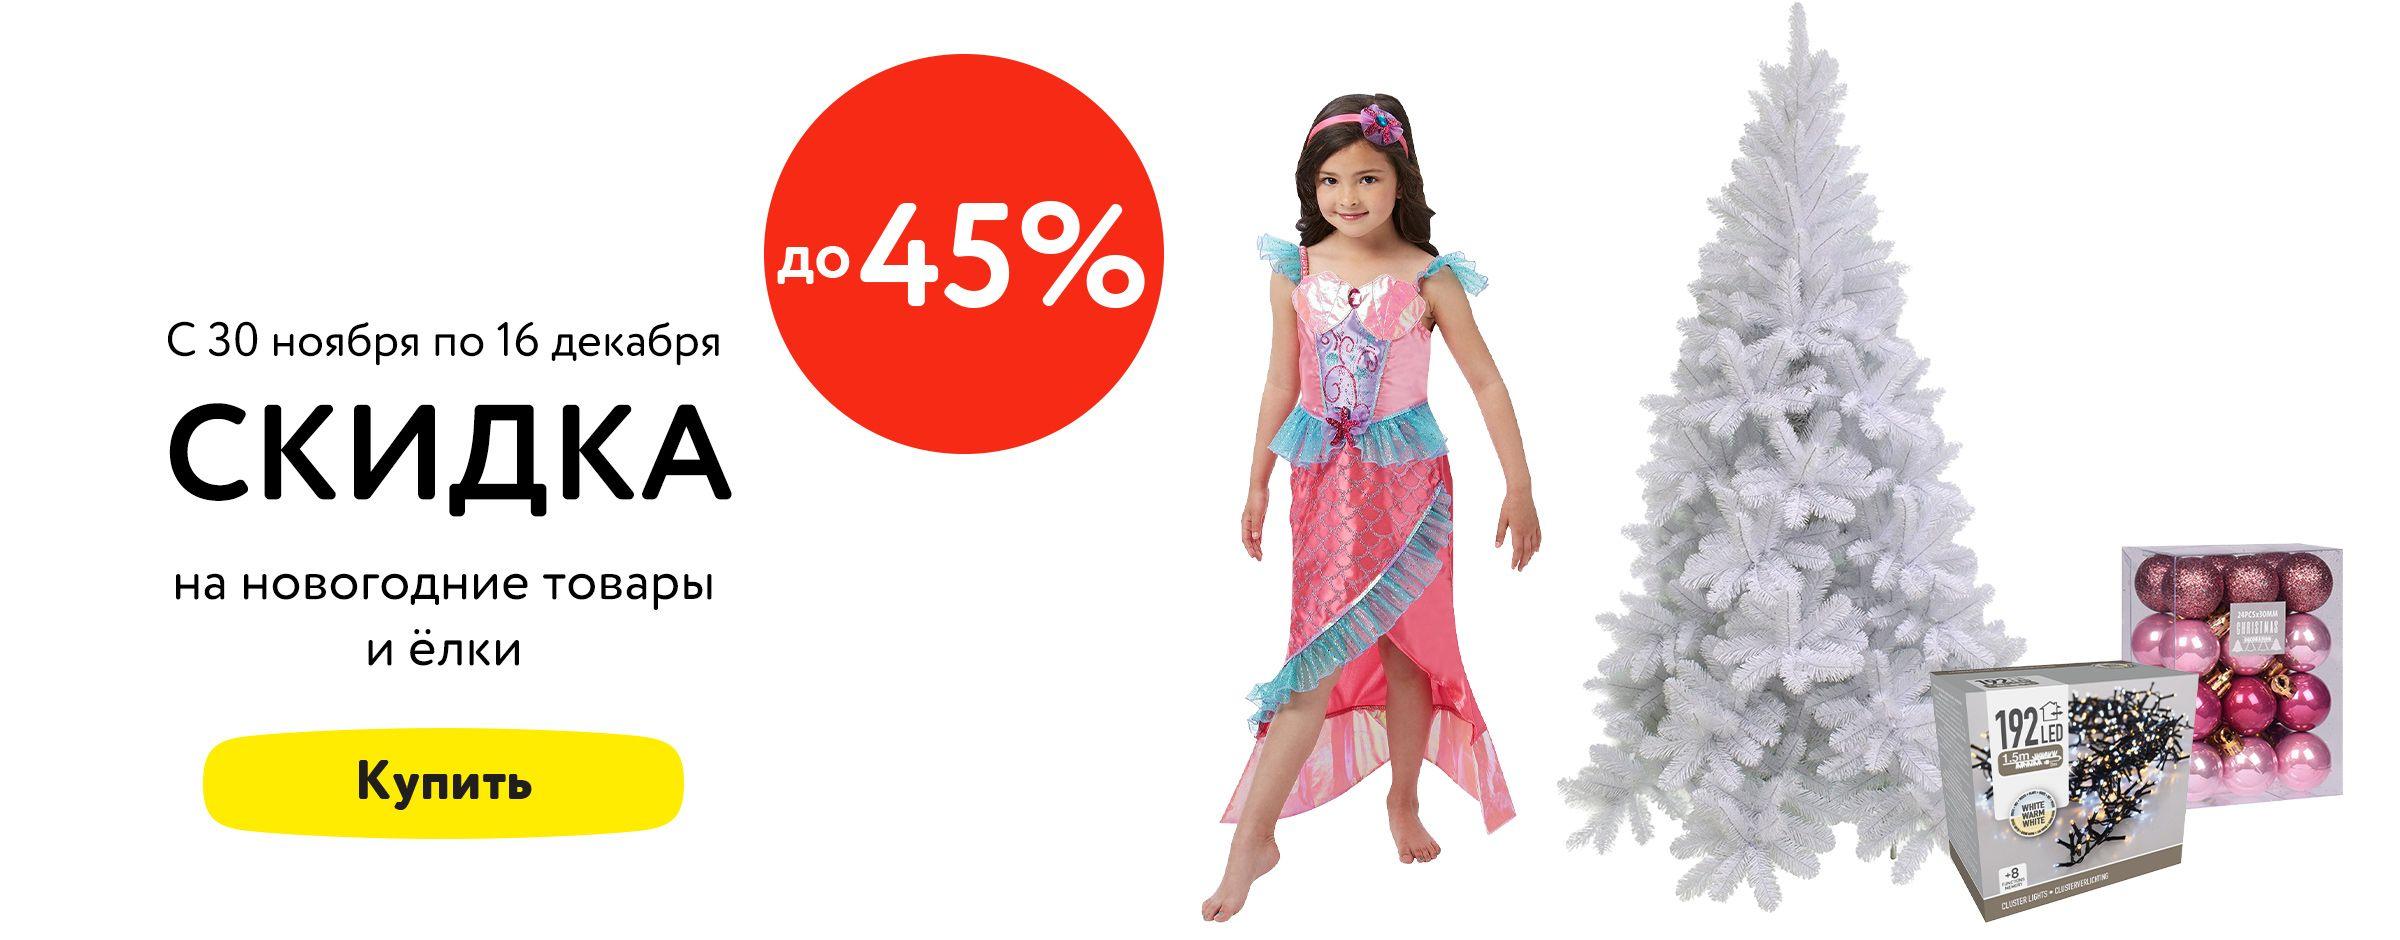 Скидки до 45% на новогодние товары и елки